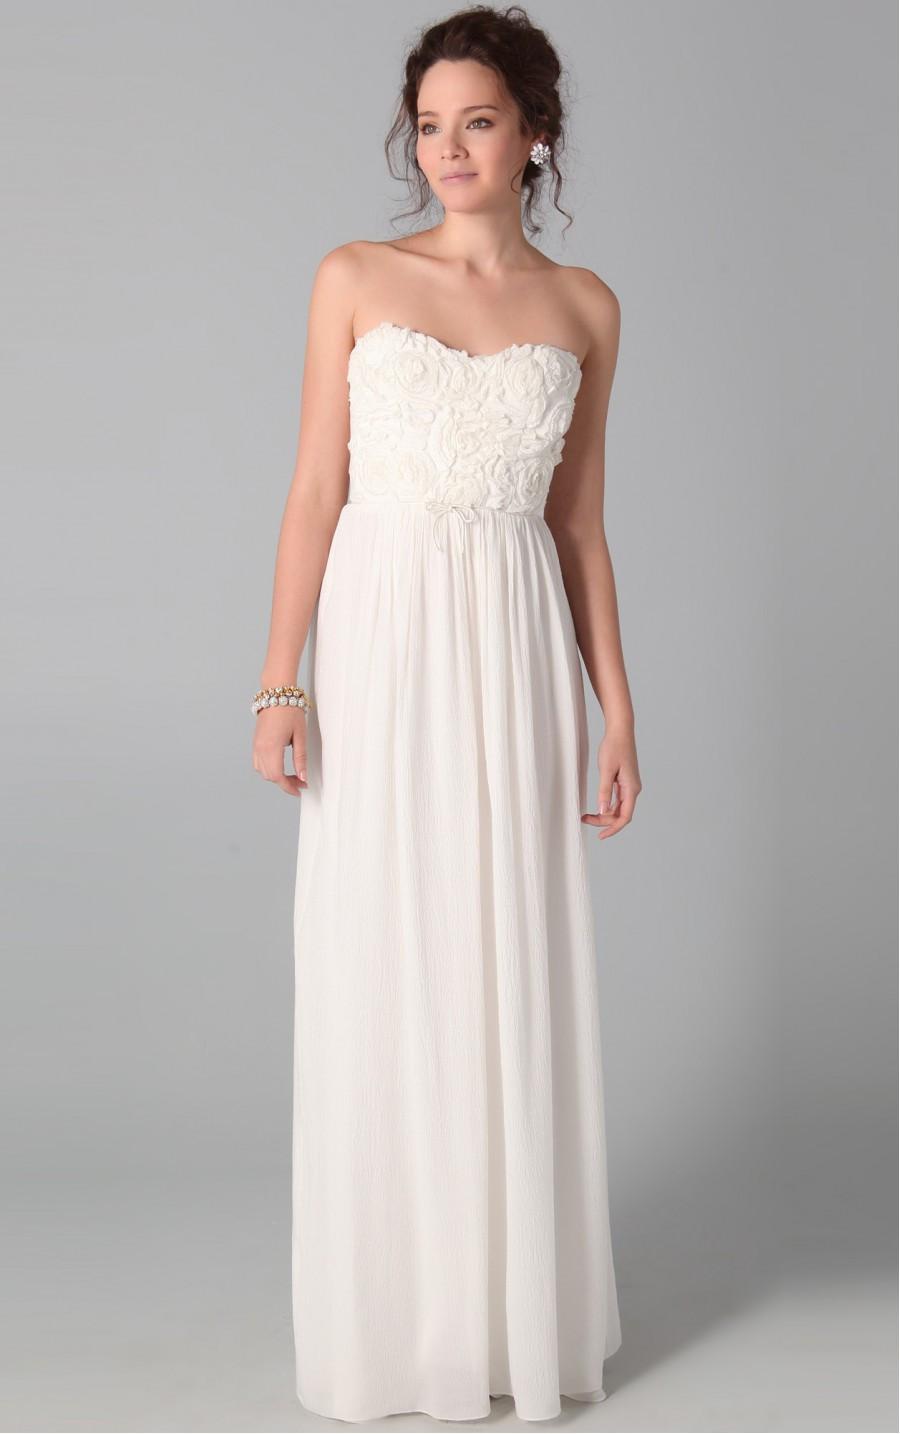 Strapless-Dresses-Elegant-For-Any-Occasion-0023